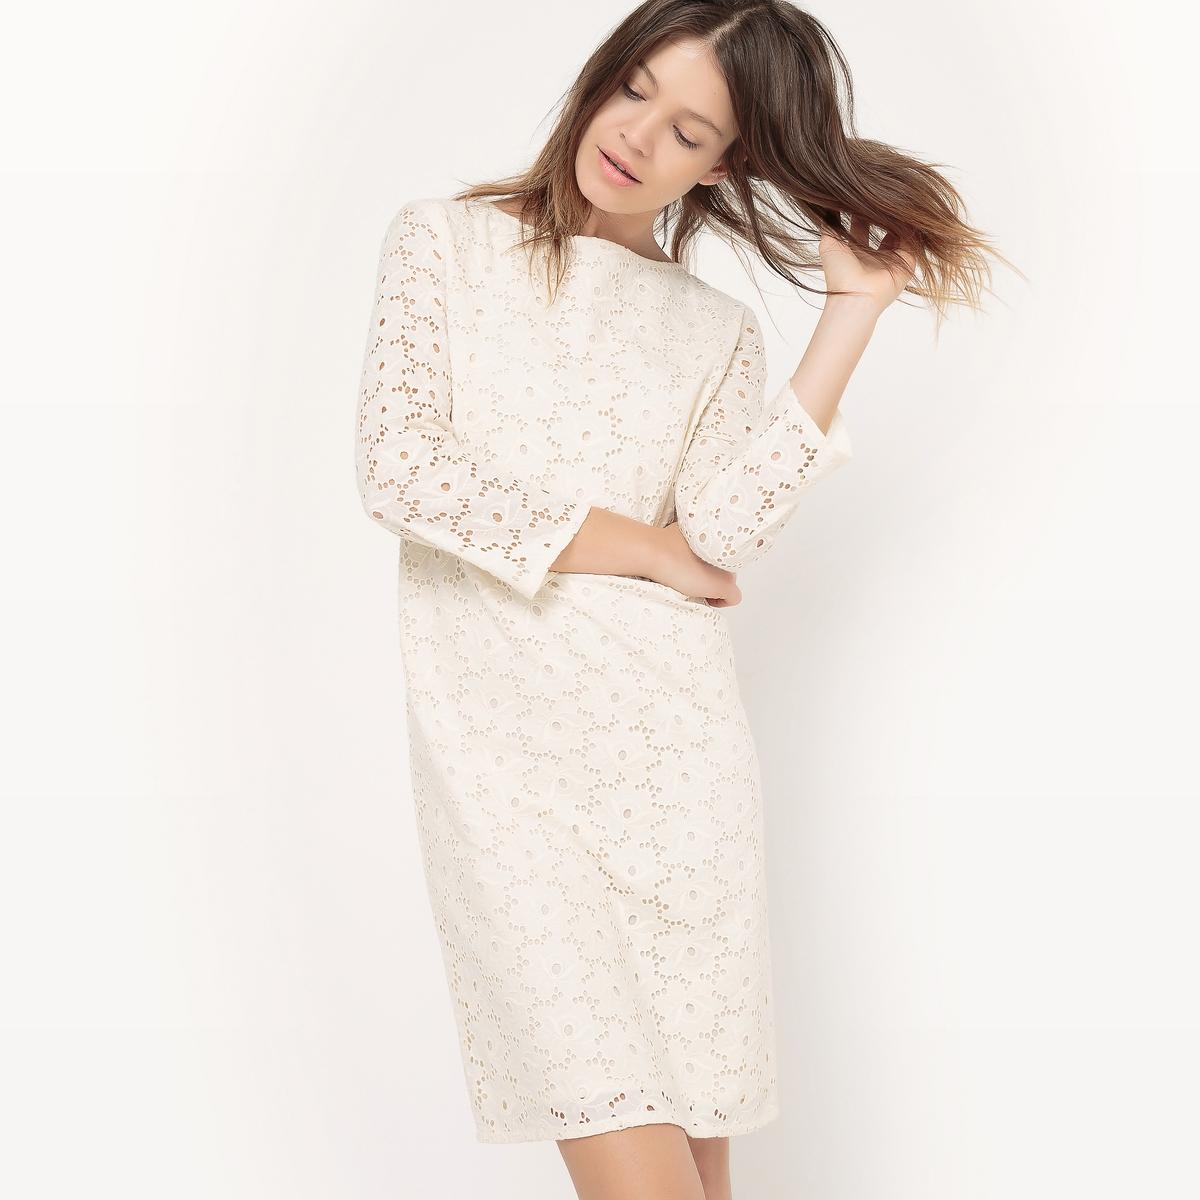 Платье с английской вышивкой, длина до колен новые богемские макси длинные платья с саксами летняя осень vintage цветочные печати длина пола платье 2017 белые дамы